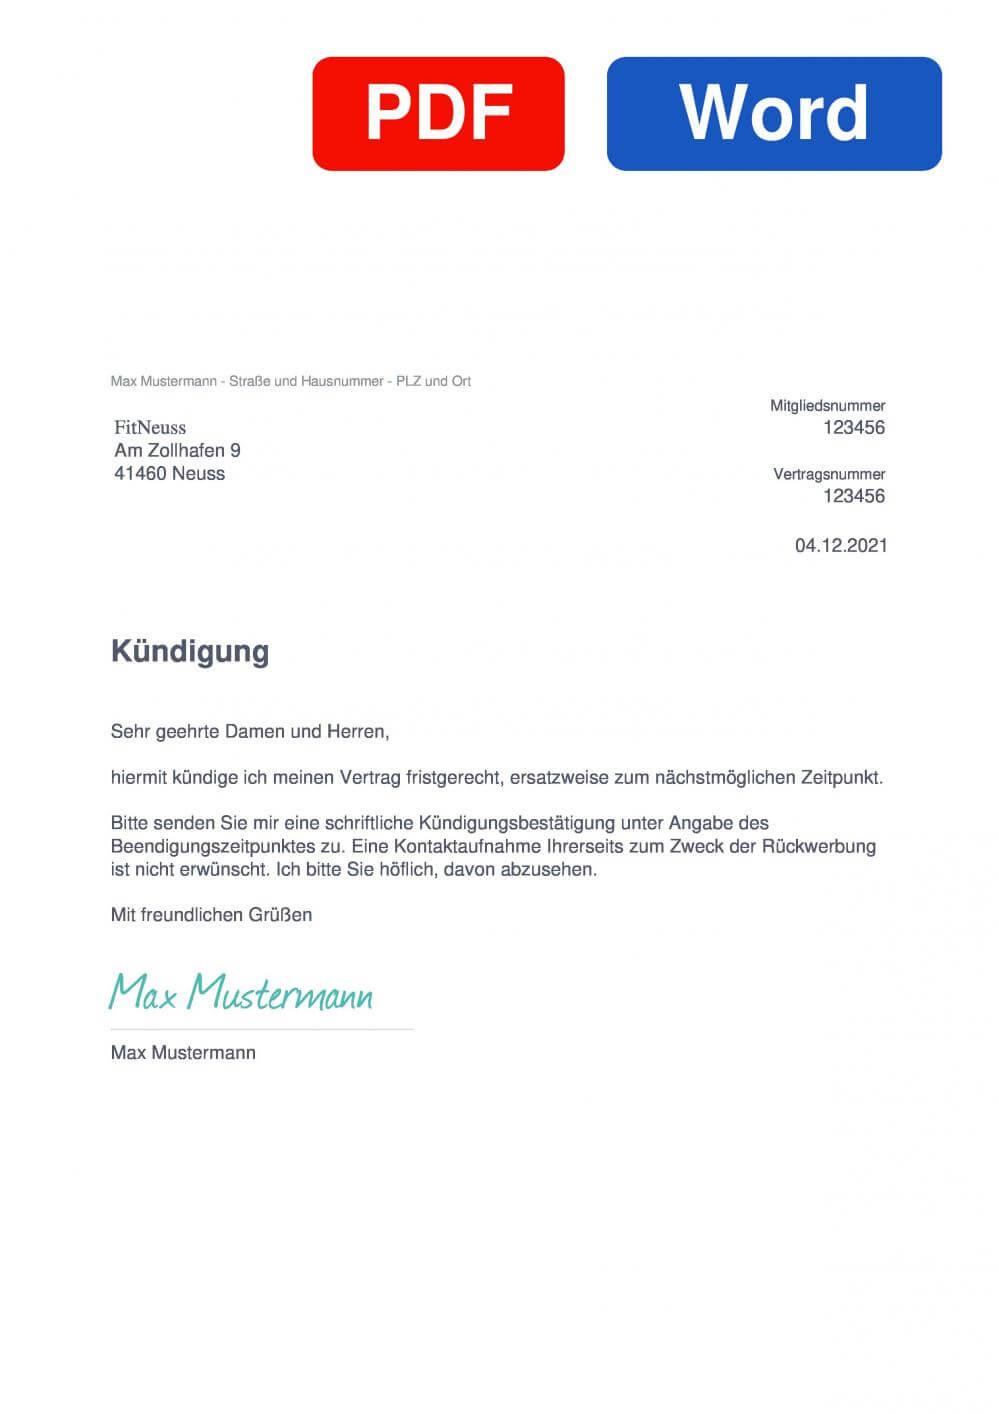 FitNeuss Muster Vorlage für Kündigungsschreiben